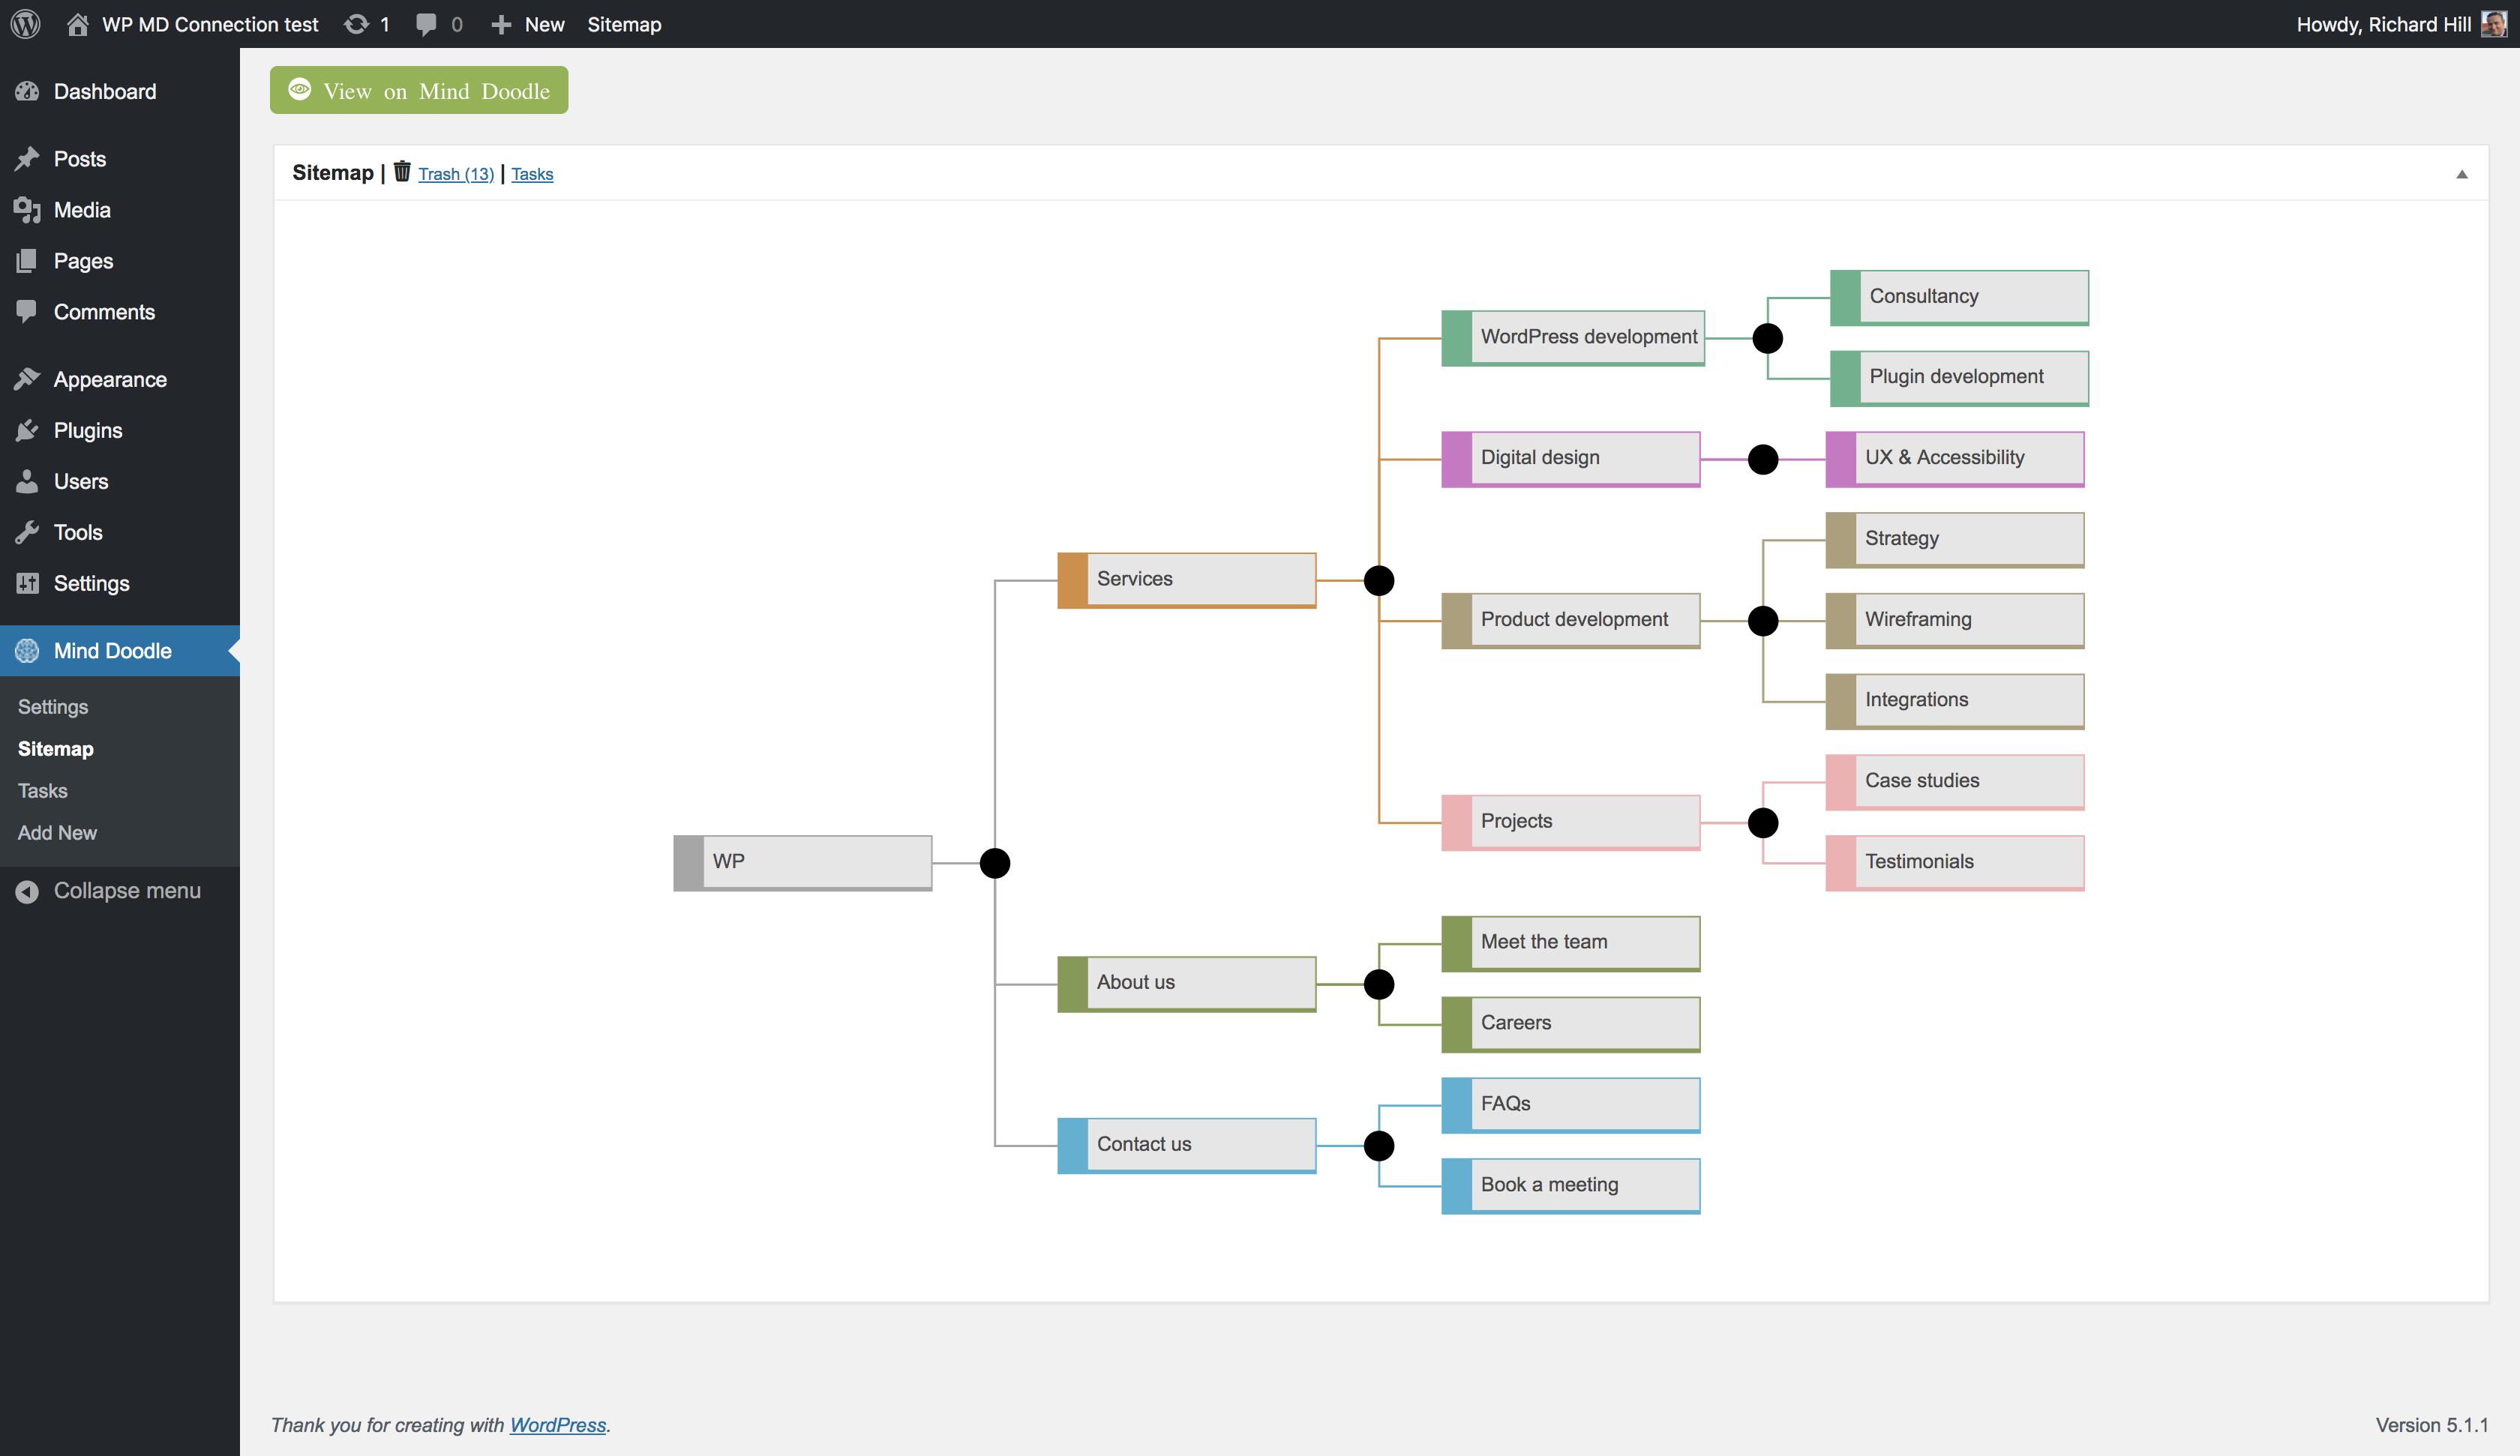 Mind Doodle Visual Sitemaps & Tasks